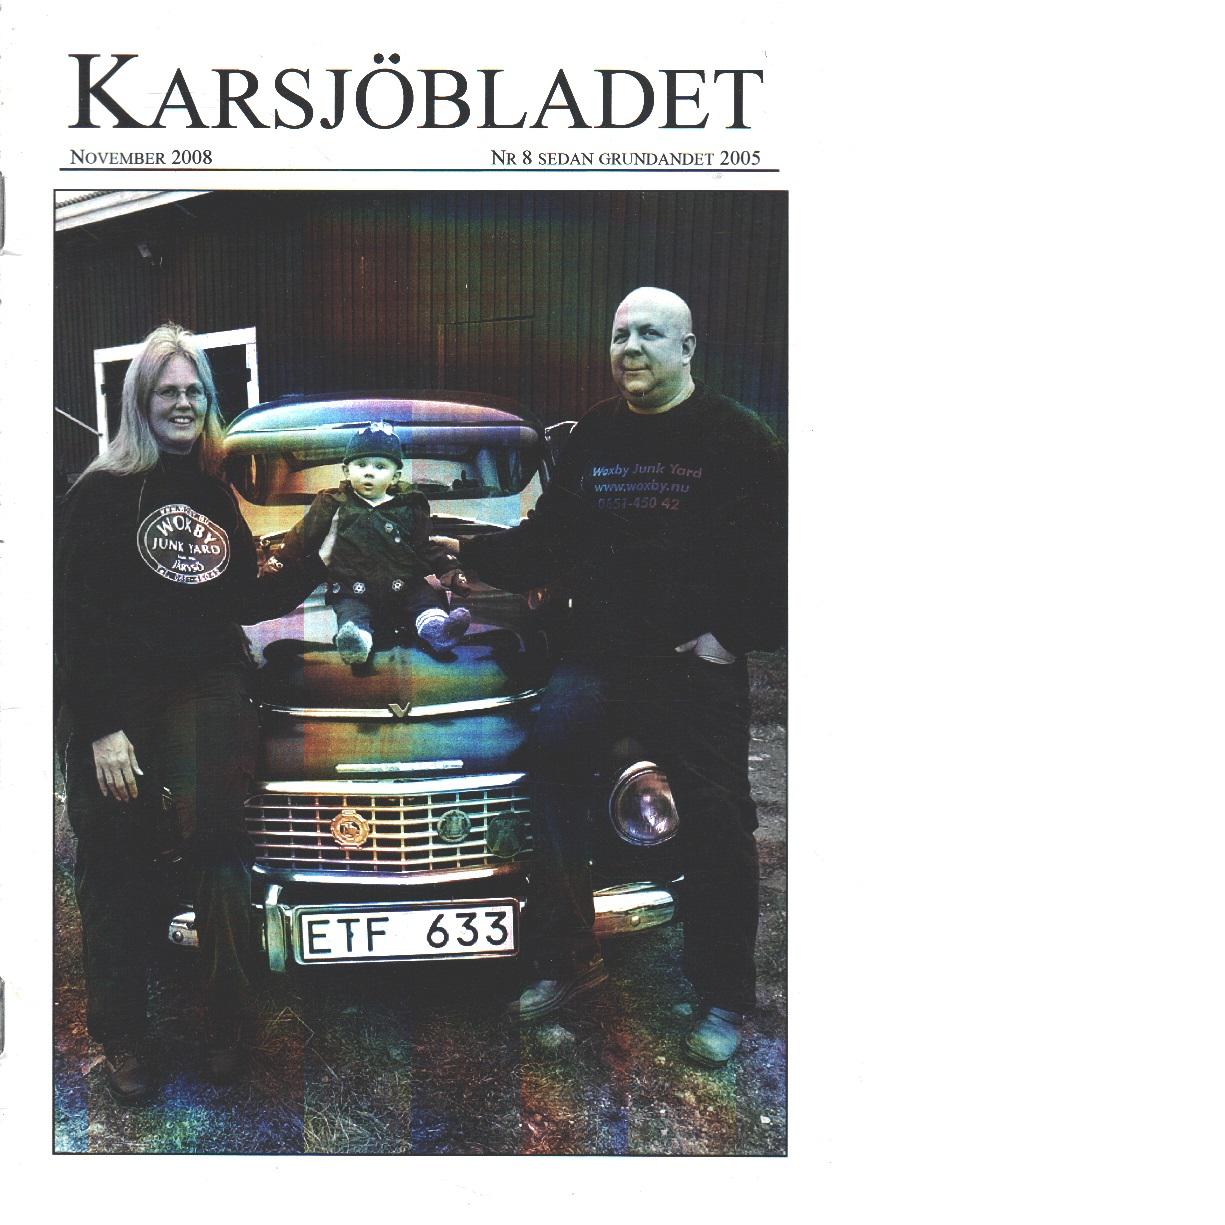 Karsjöbladet 8 - Red.